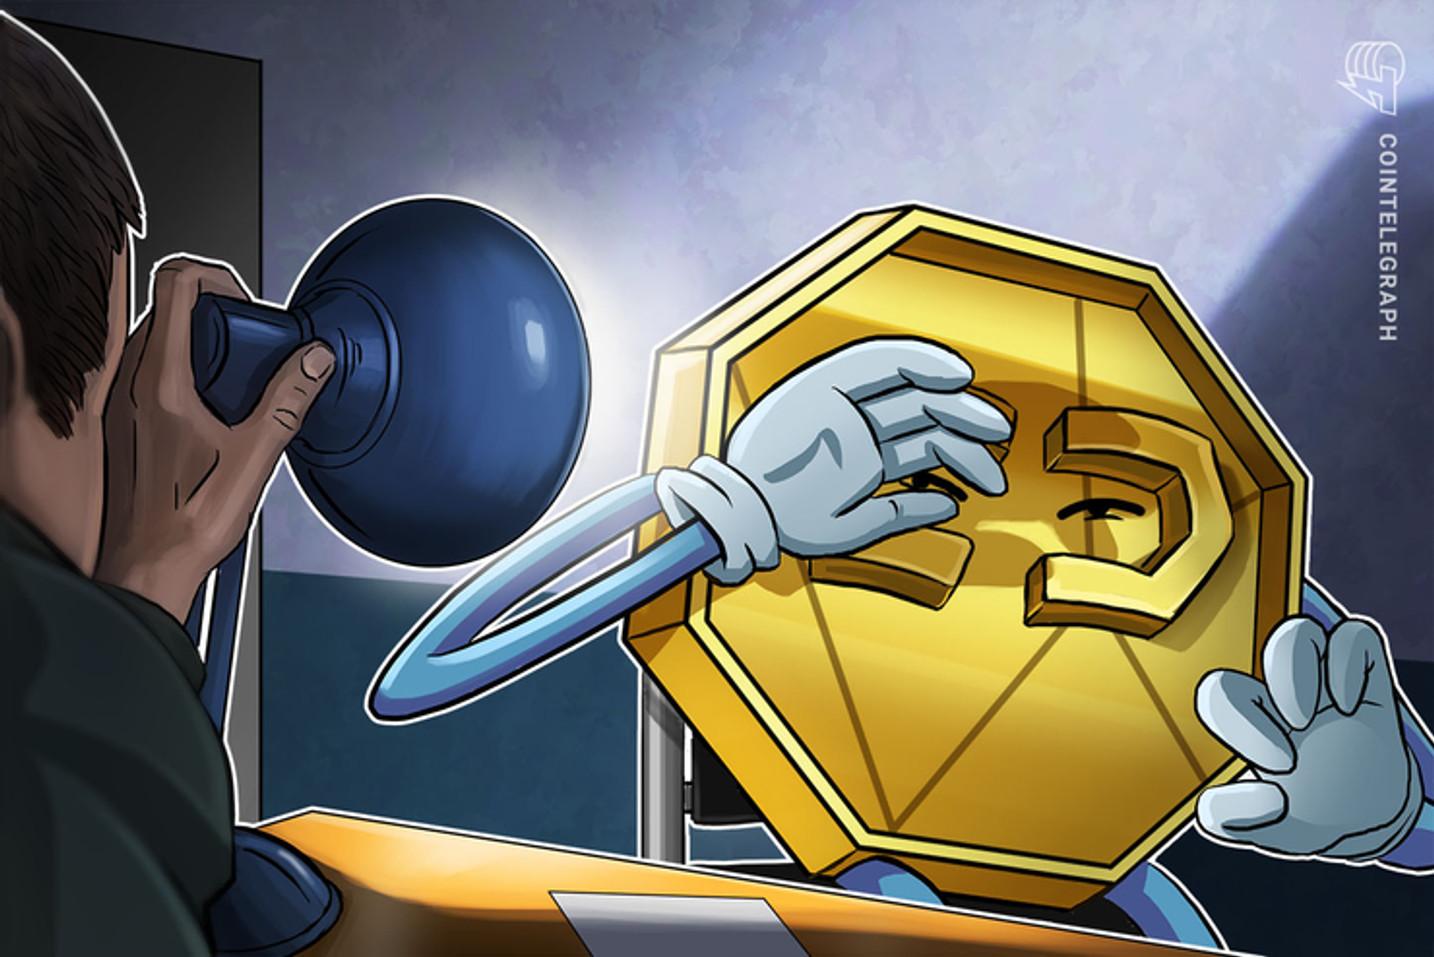 Deputado brasileiro propõe criação de imposto que pode incidir no Bitcoin; proposta altera a Constituição